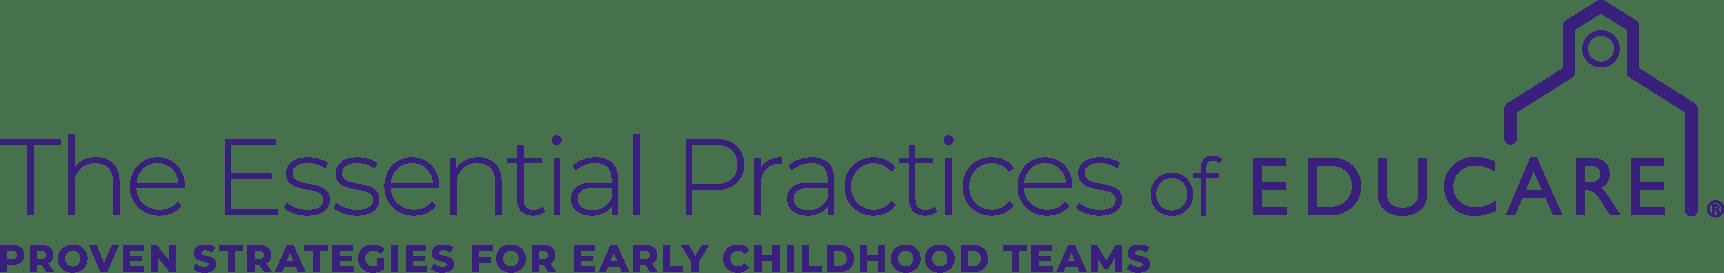 The Essential Practices of Educare logo